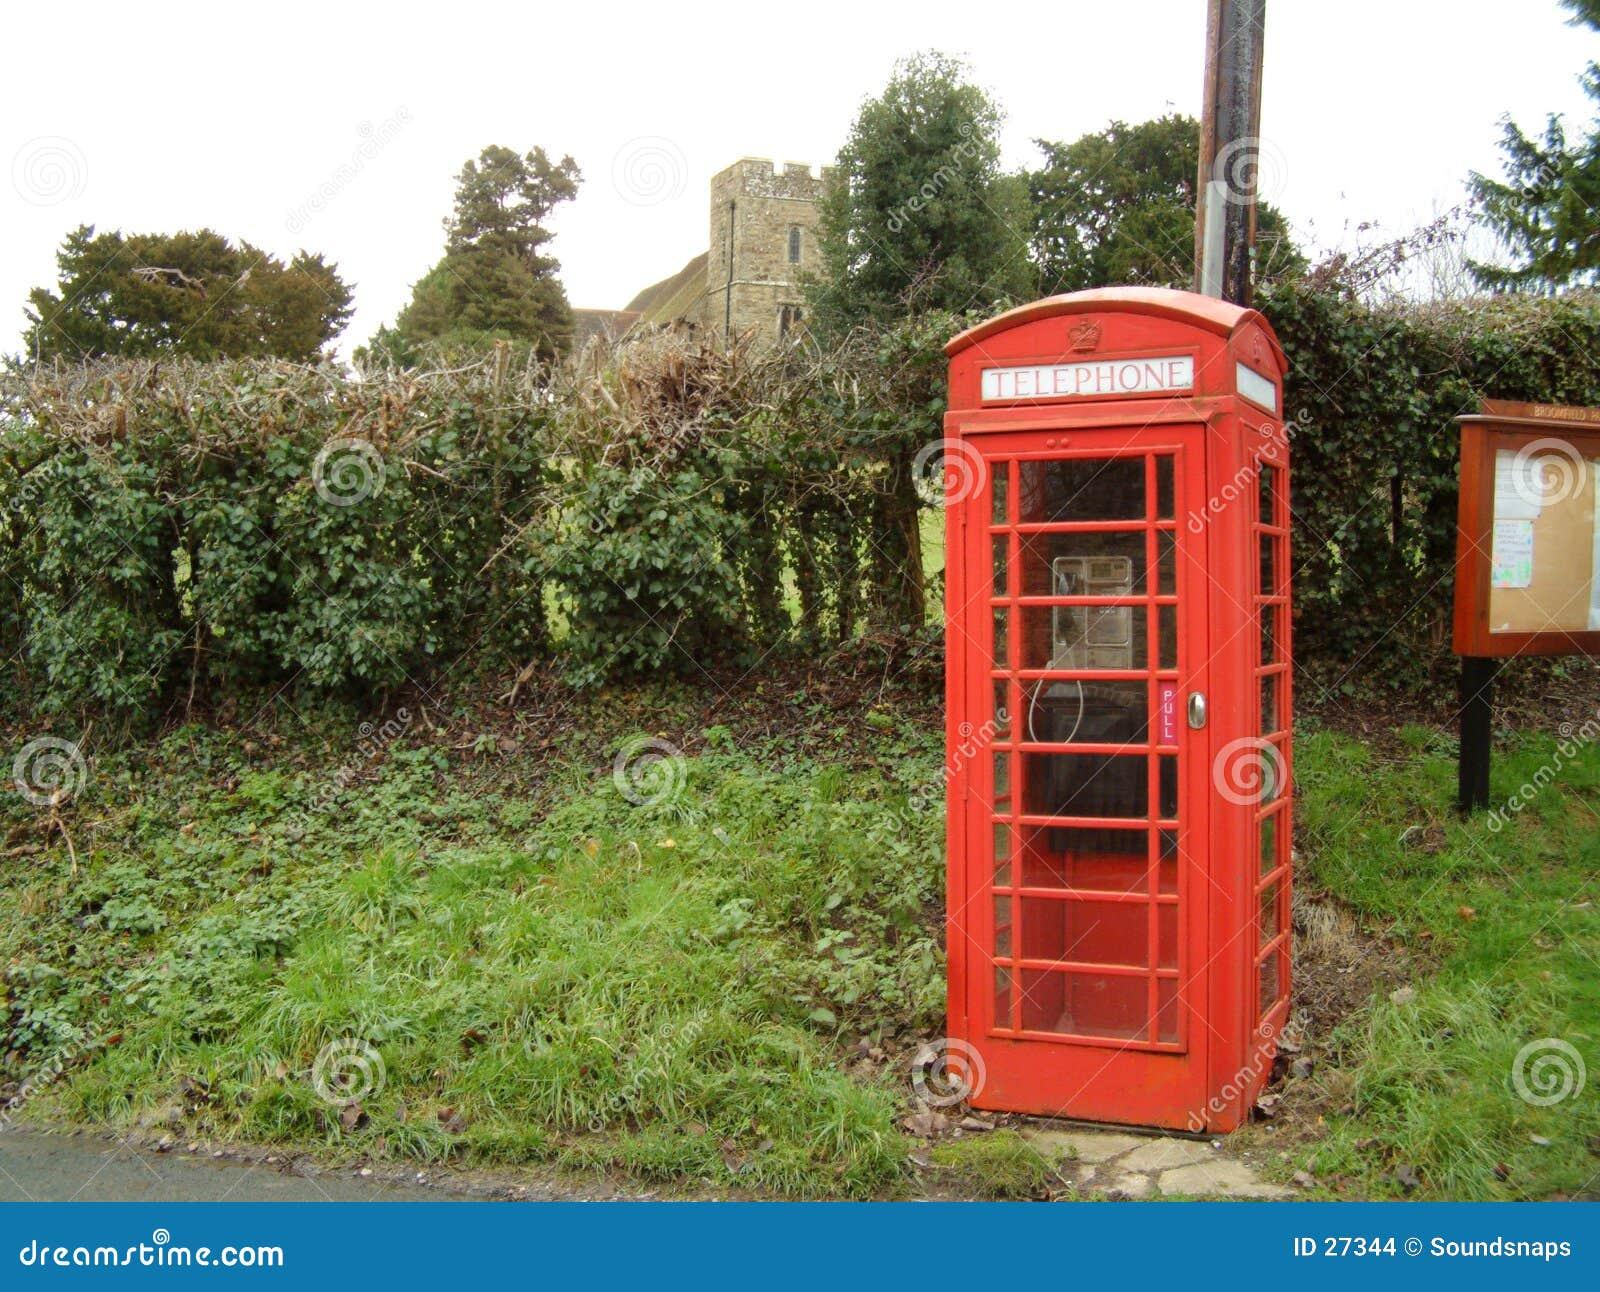 Englischer Telefon-Kasten